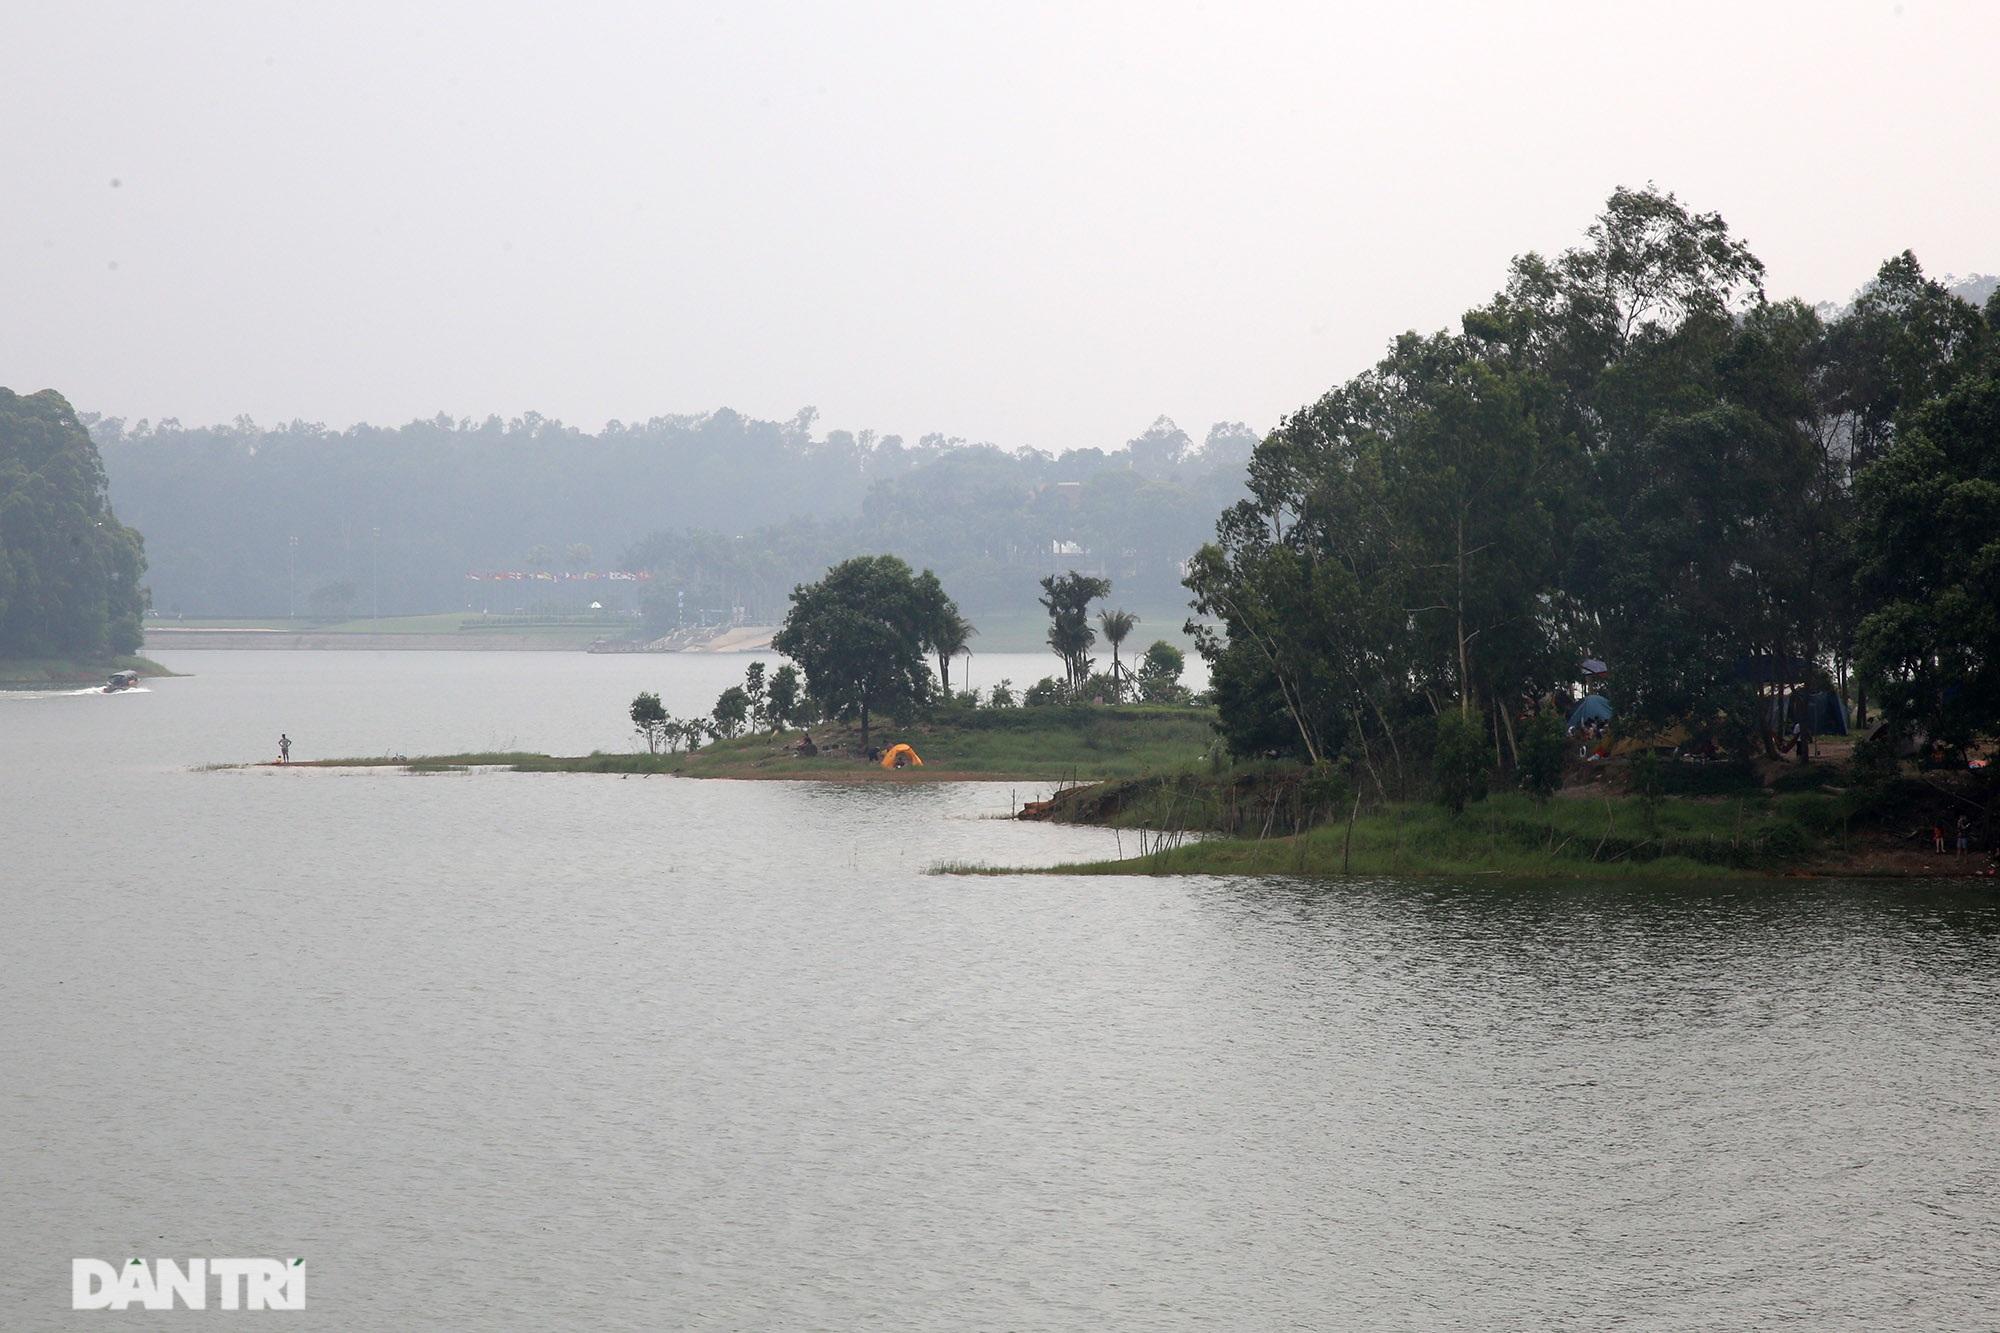 Dù có biển cấm tụ tập, hồ Đồng Mô vẫn tấp nập người đến cắm trại - 14